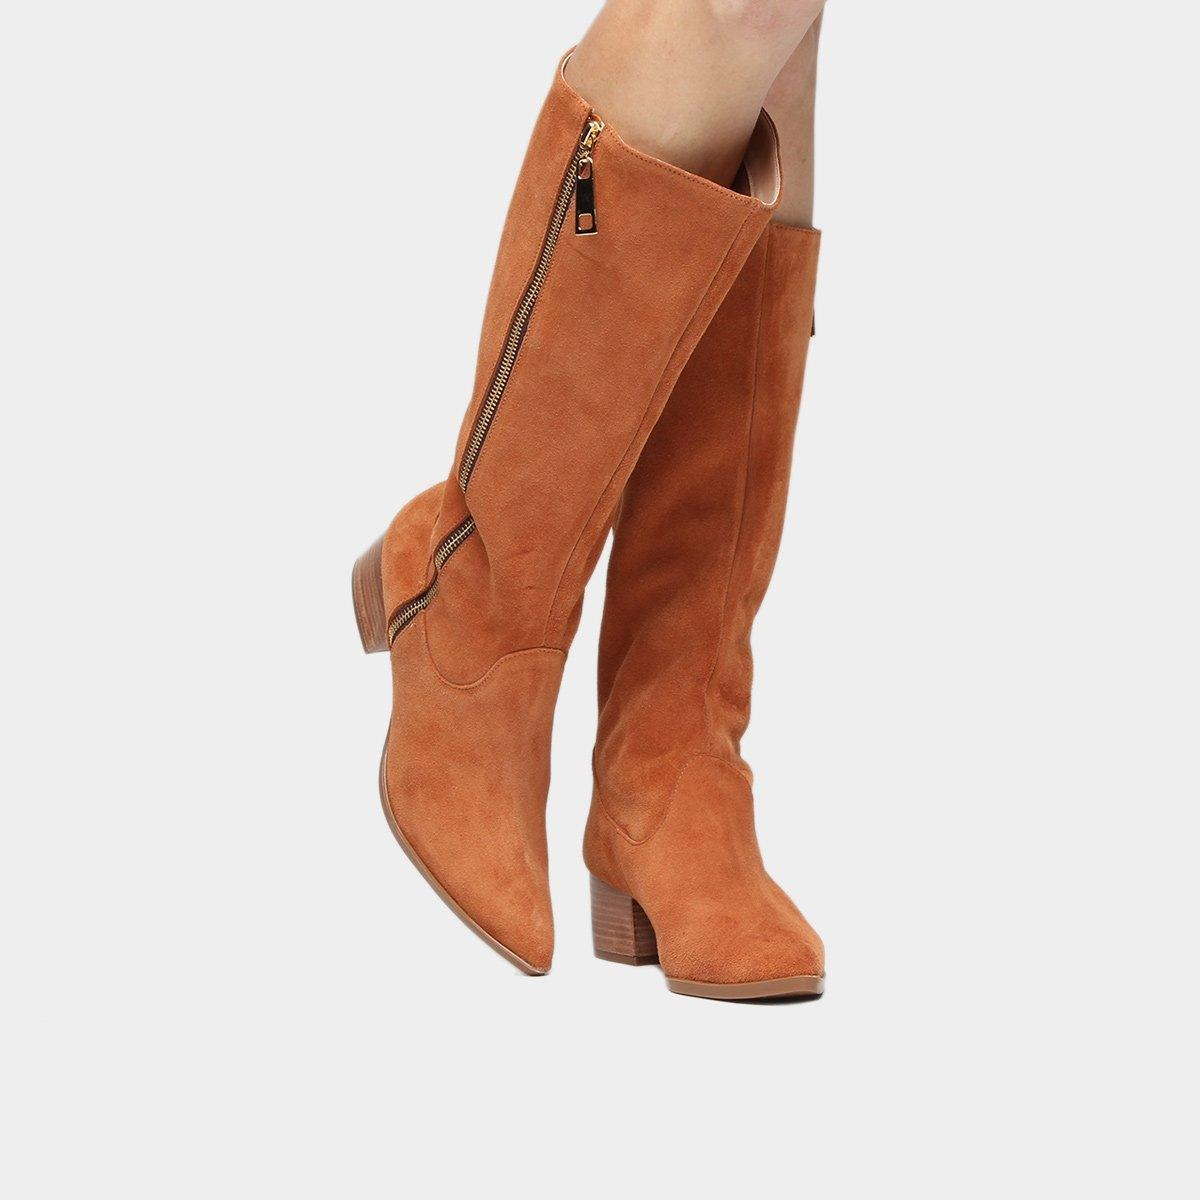 a8e72e6ae4 bota shoestock cano longo salto grosso bico fino ziper. Carregando zoom.